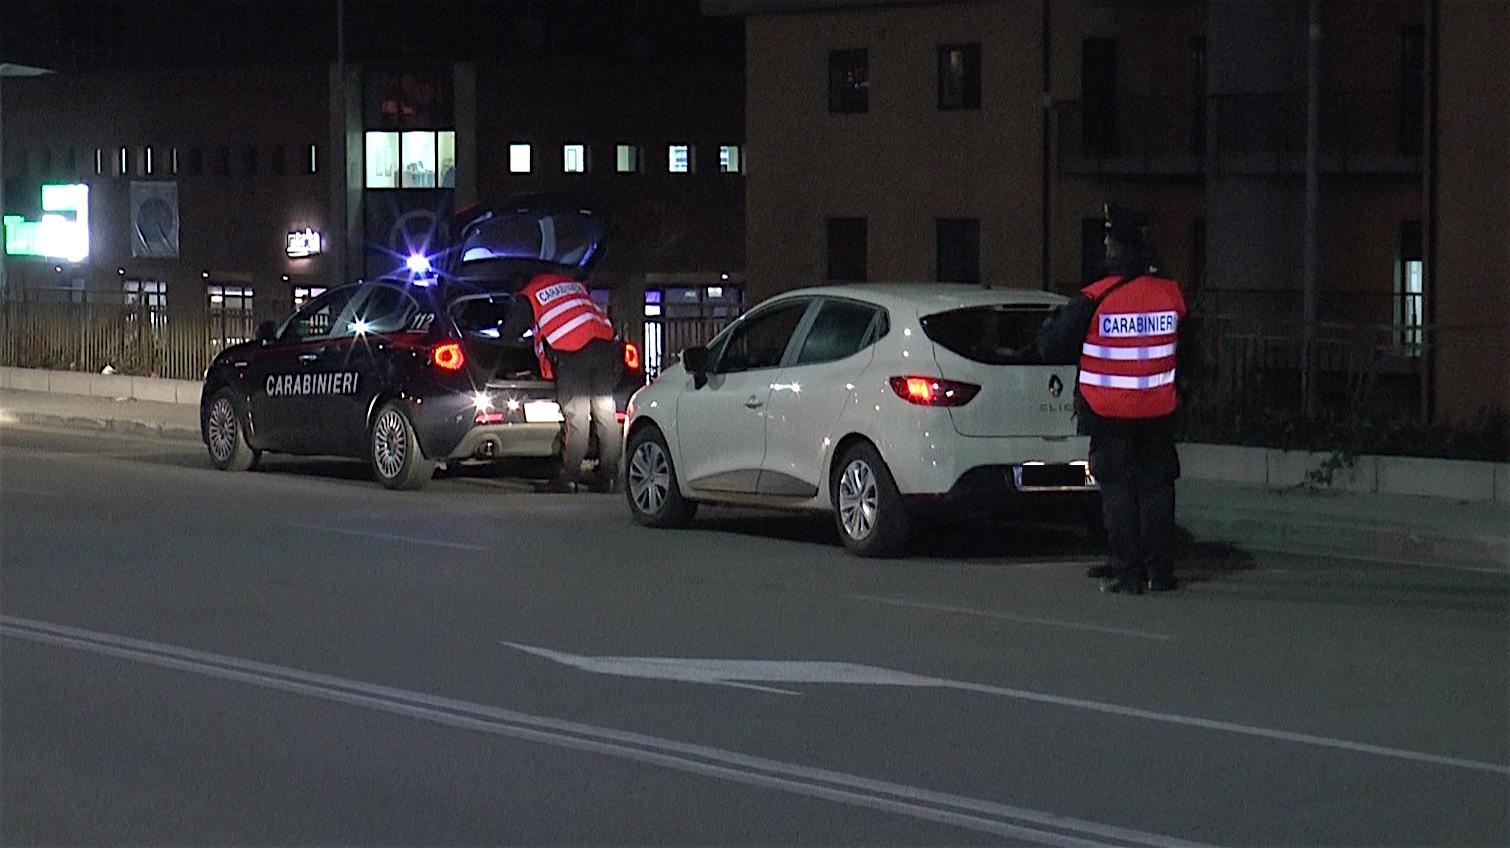 Operazione 'Periferie Sicure' servizio dei carabinieri per la sicurezza dei cittadini